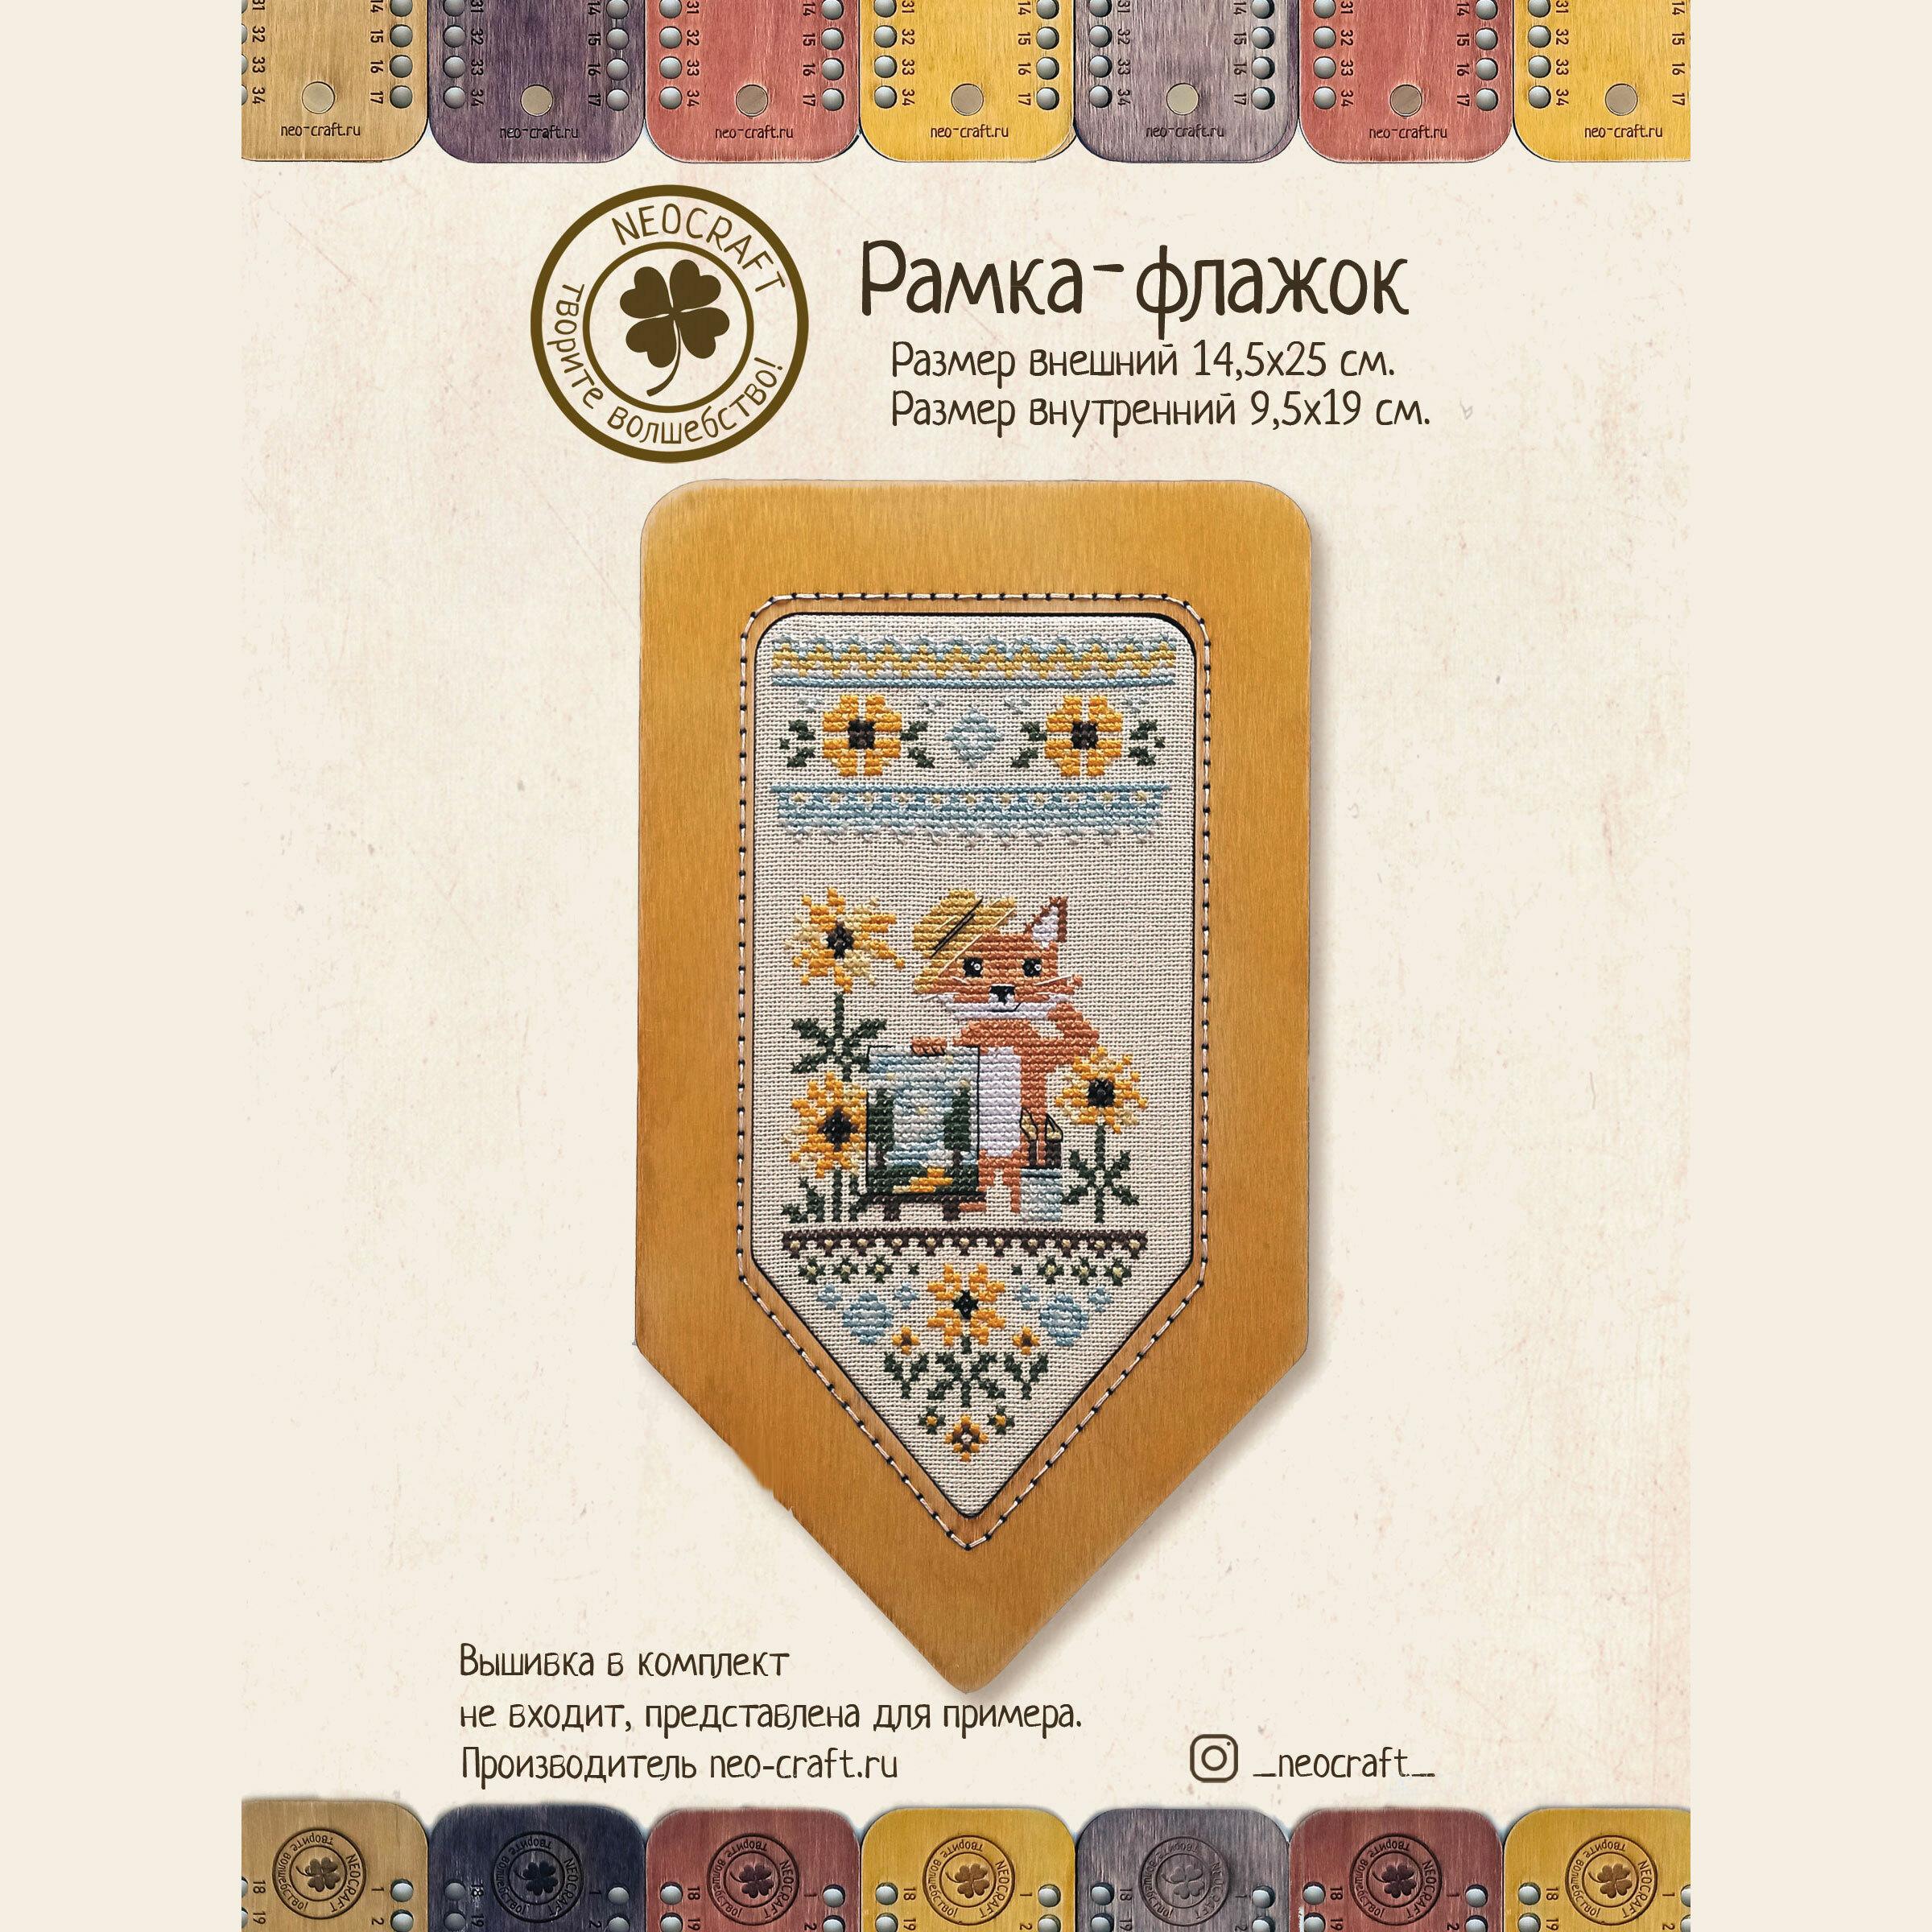 Рамка для вышивки Флажок (цвет Морошка) Ди-1004